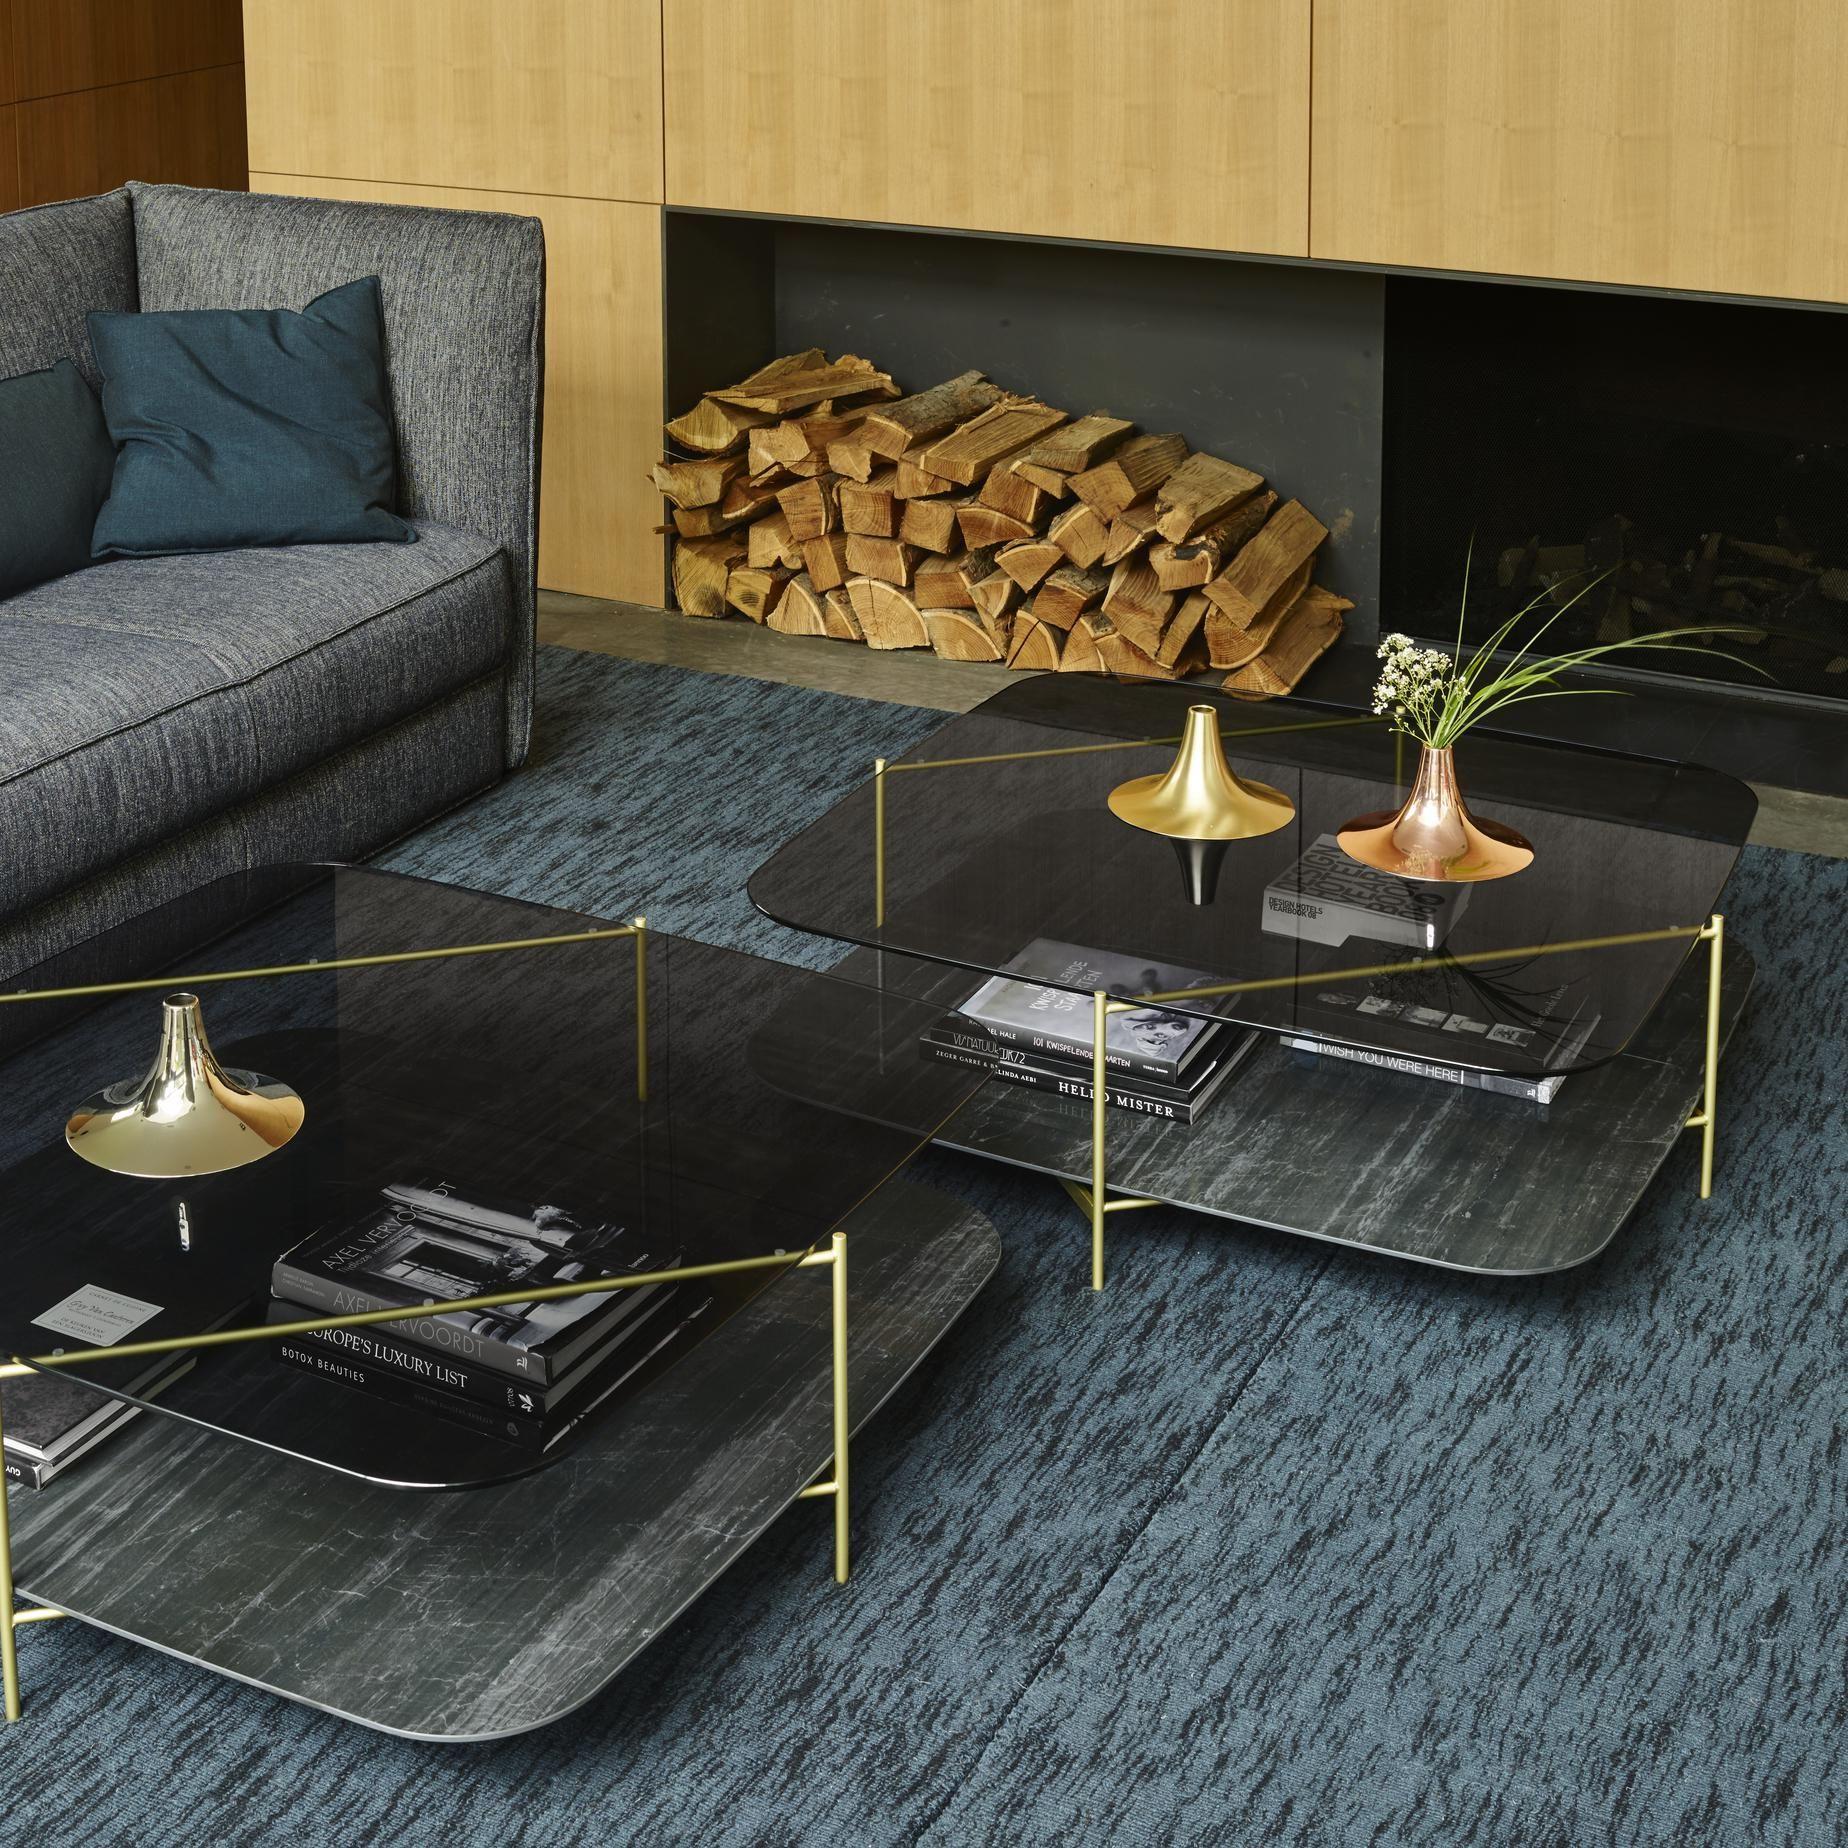 Meilleur De De Table Basse Design Italien Des Idées